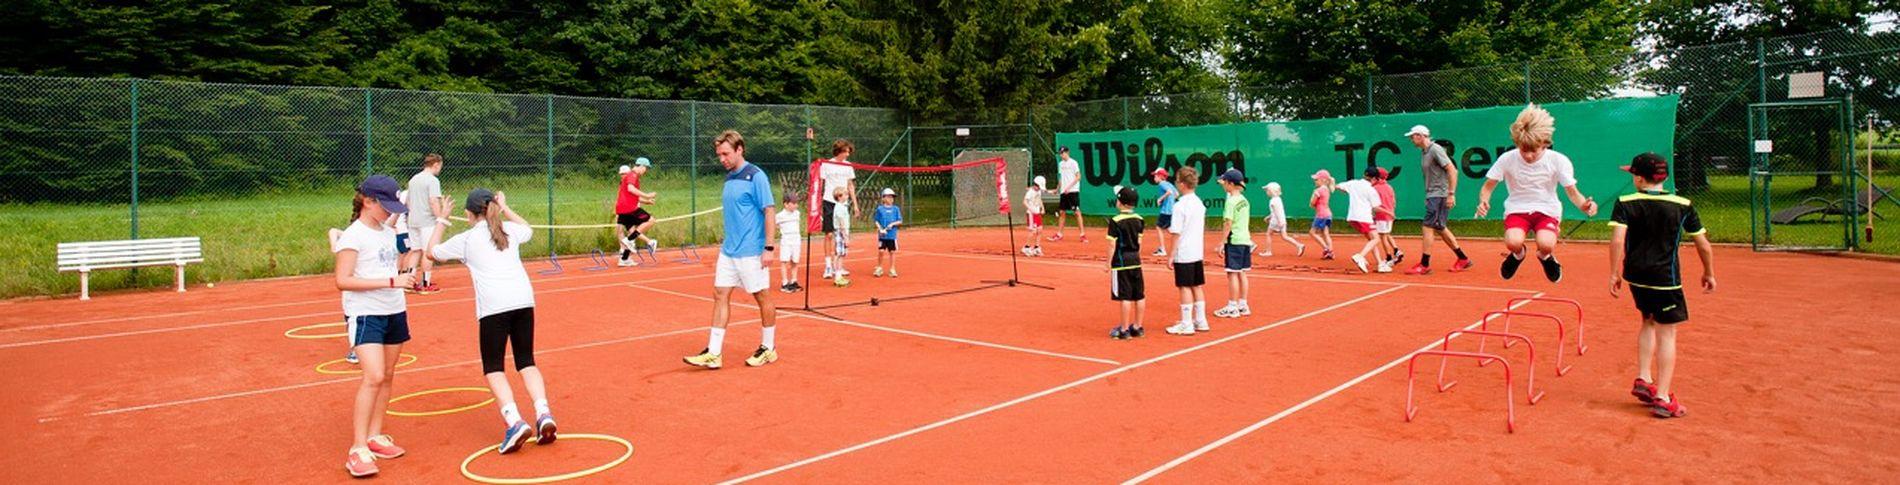 tenniscamp.jpg